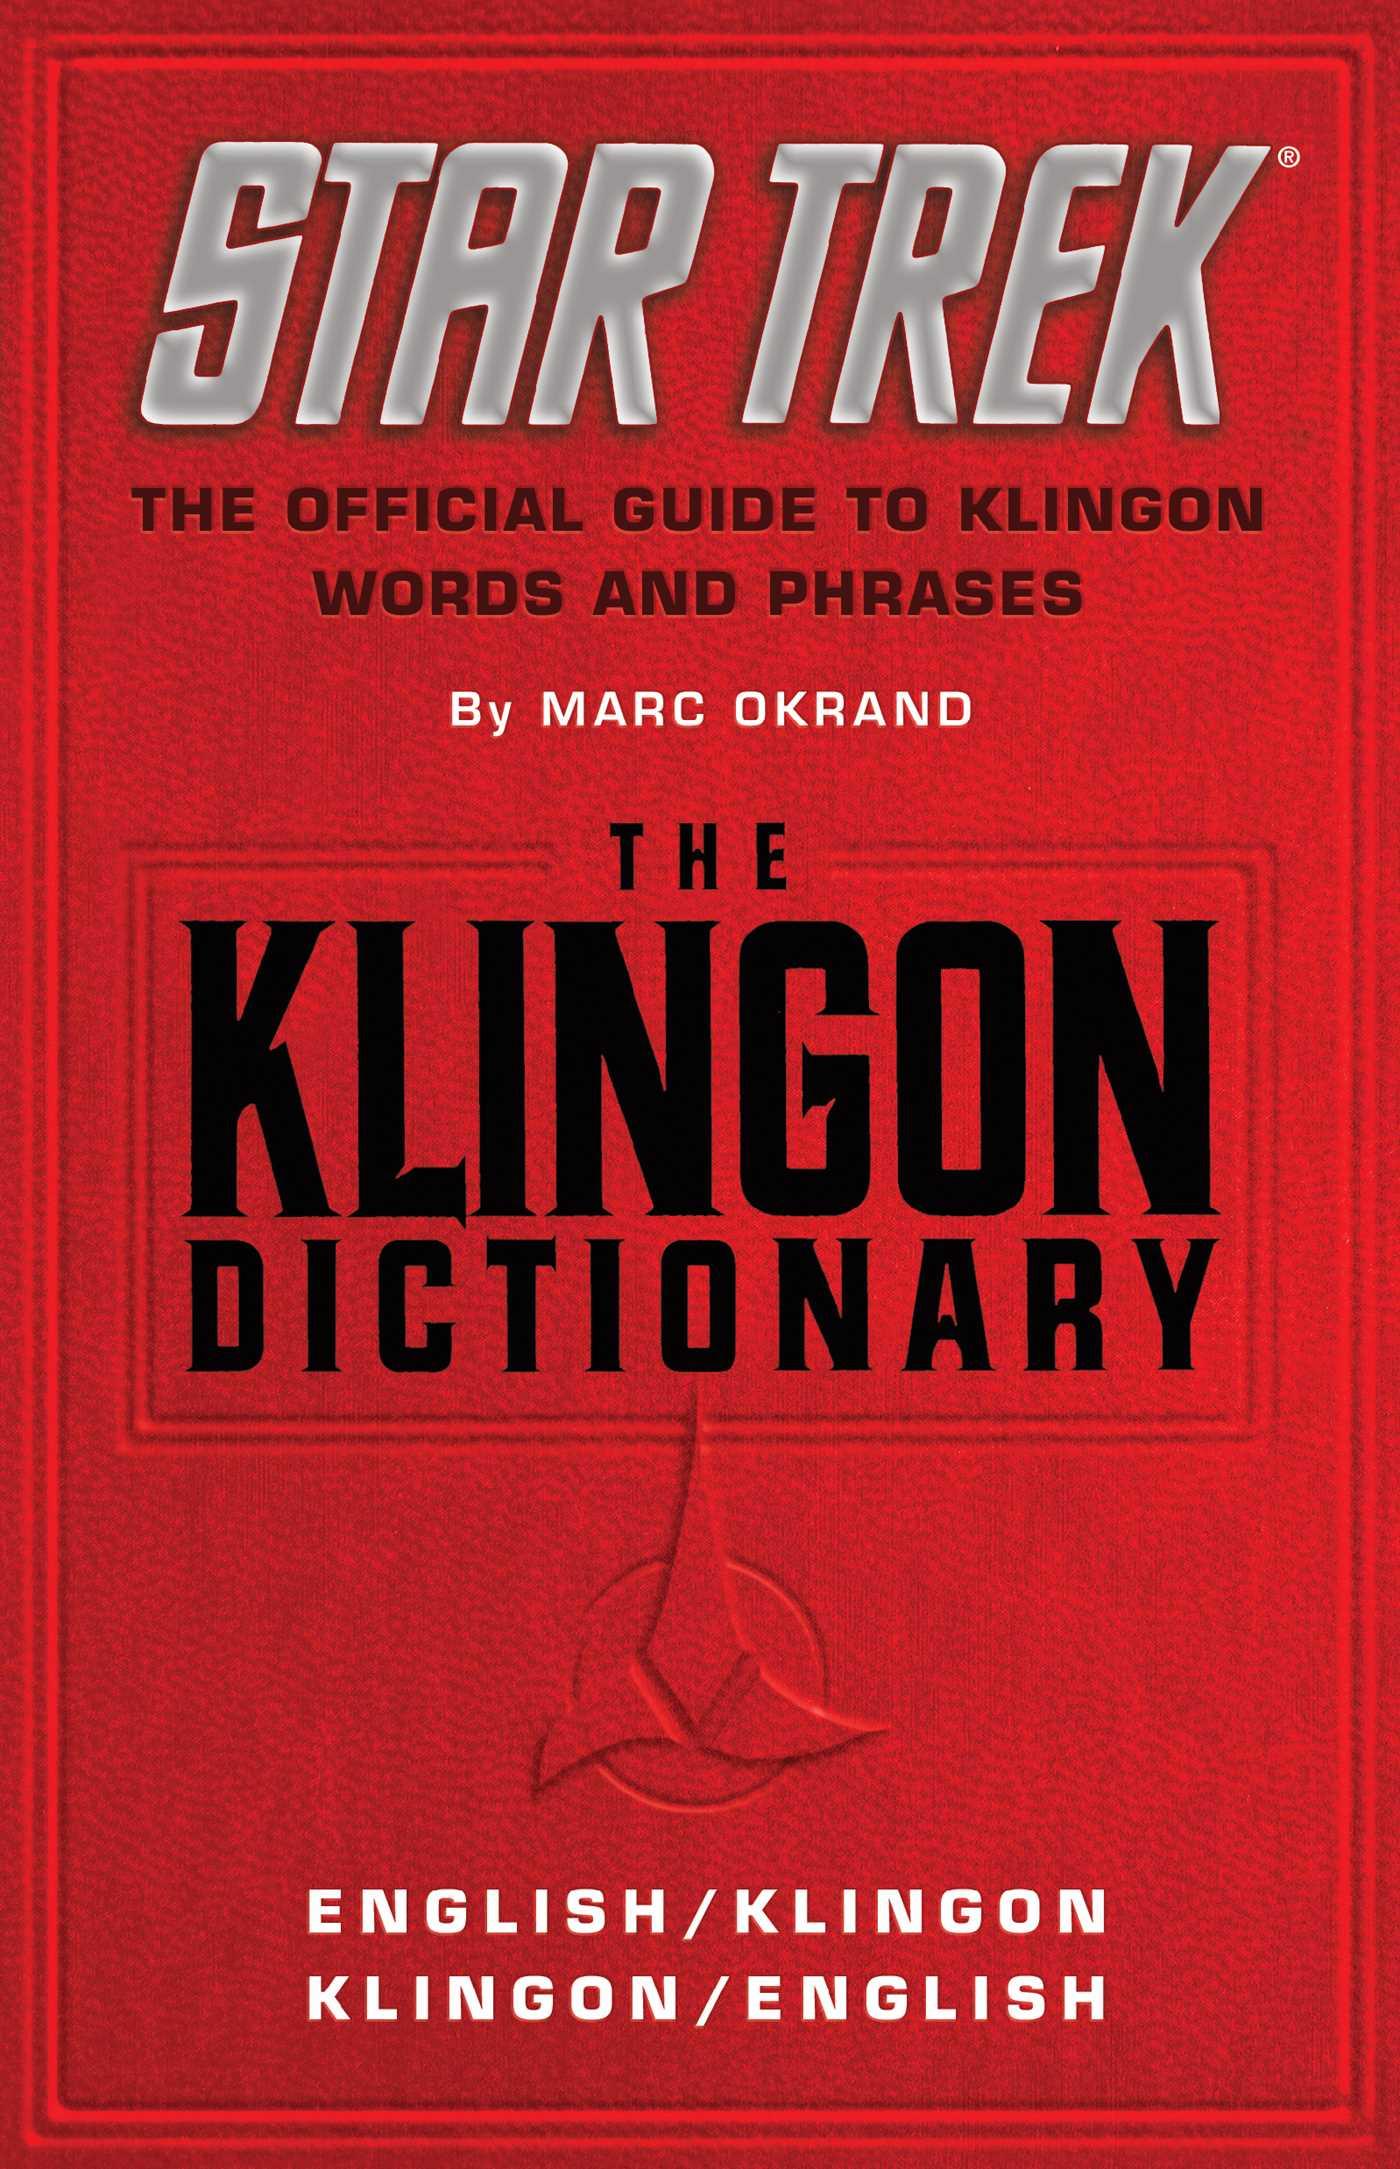 The klingon dictionary 9780671745592 hr